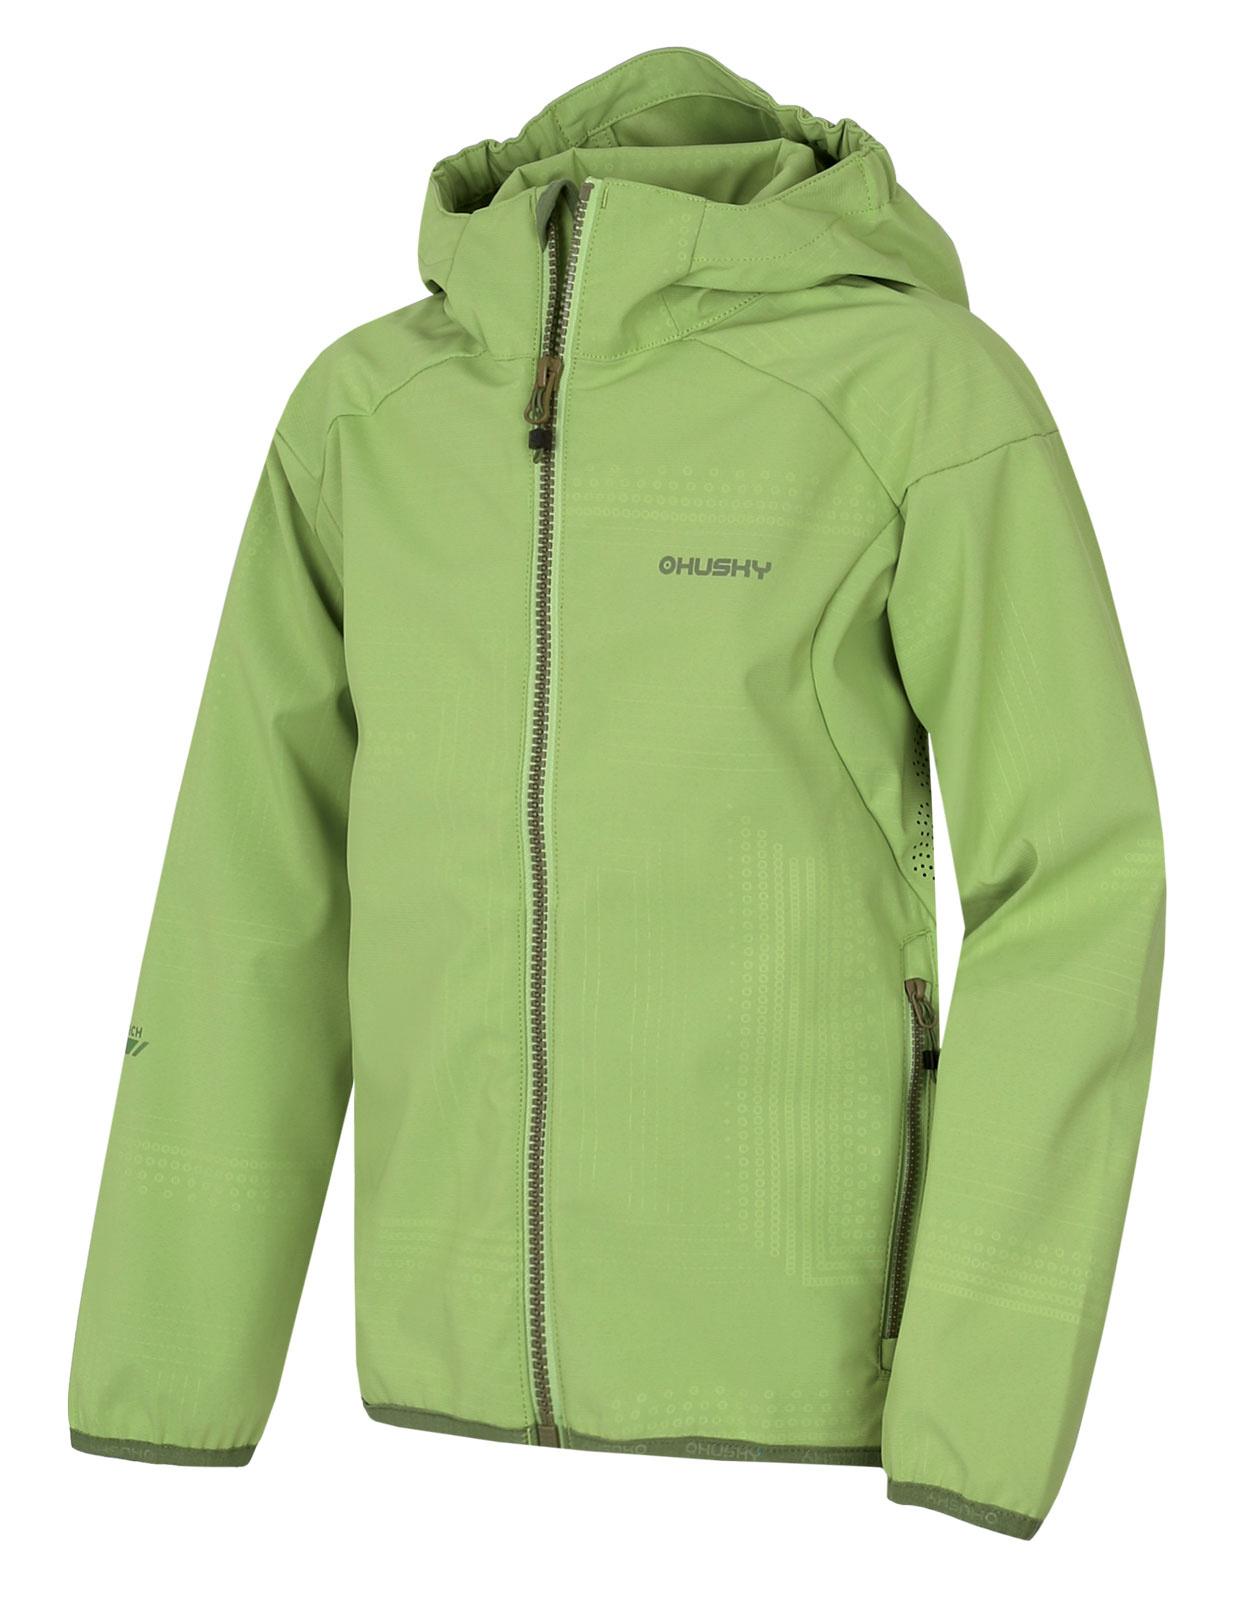 Husky Zally Kids 134-140, sv. zelená Dětská softshellová bunda